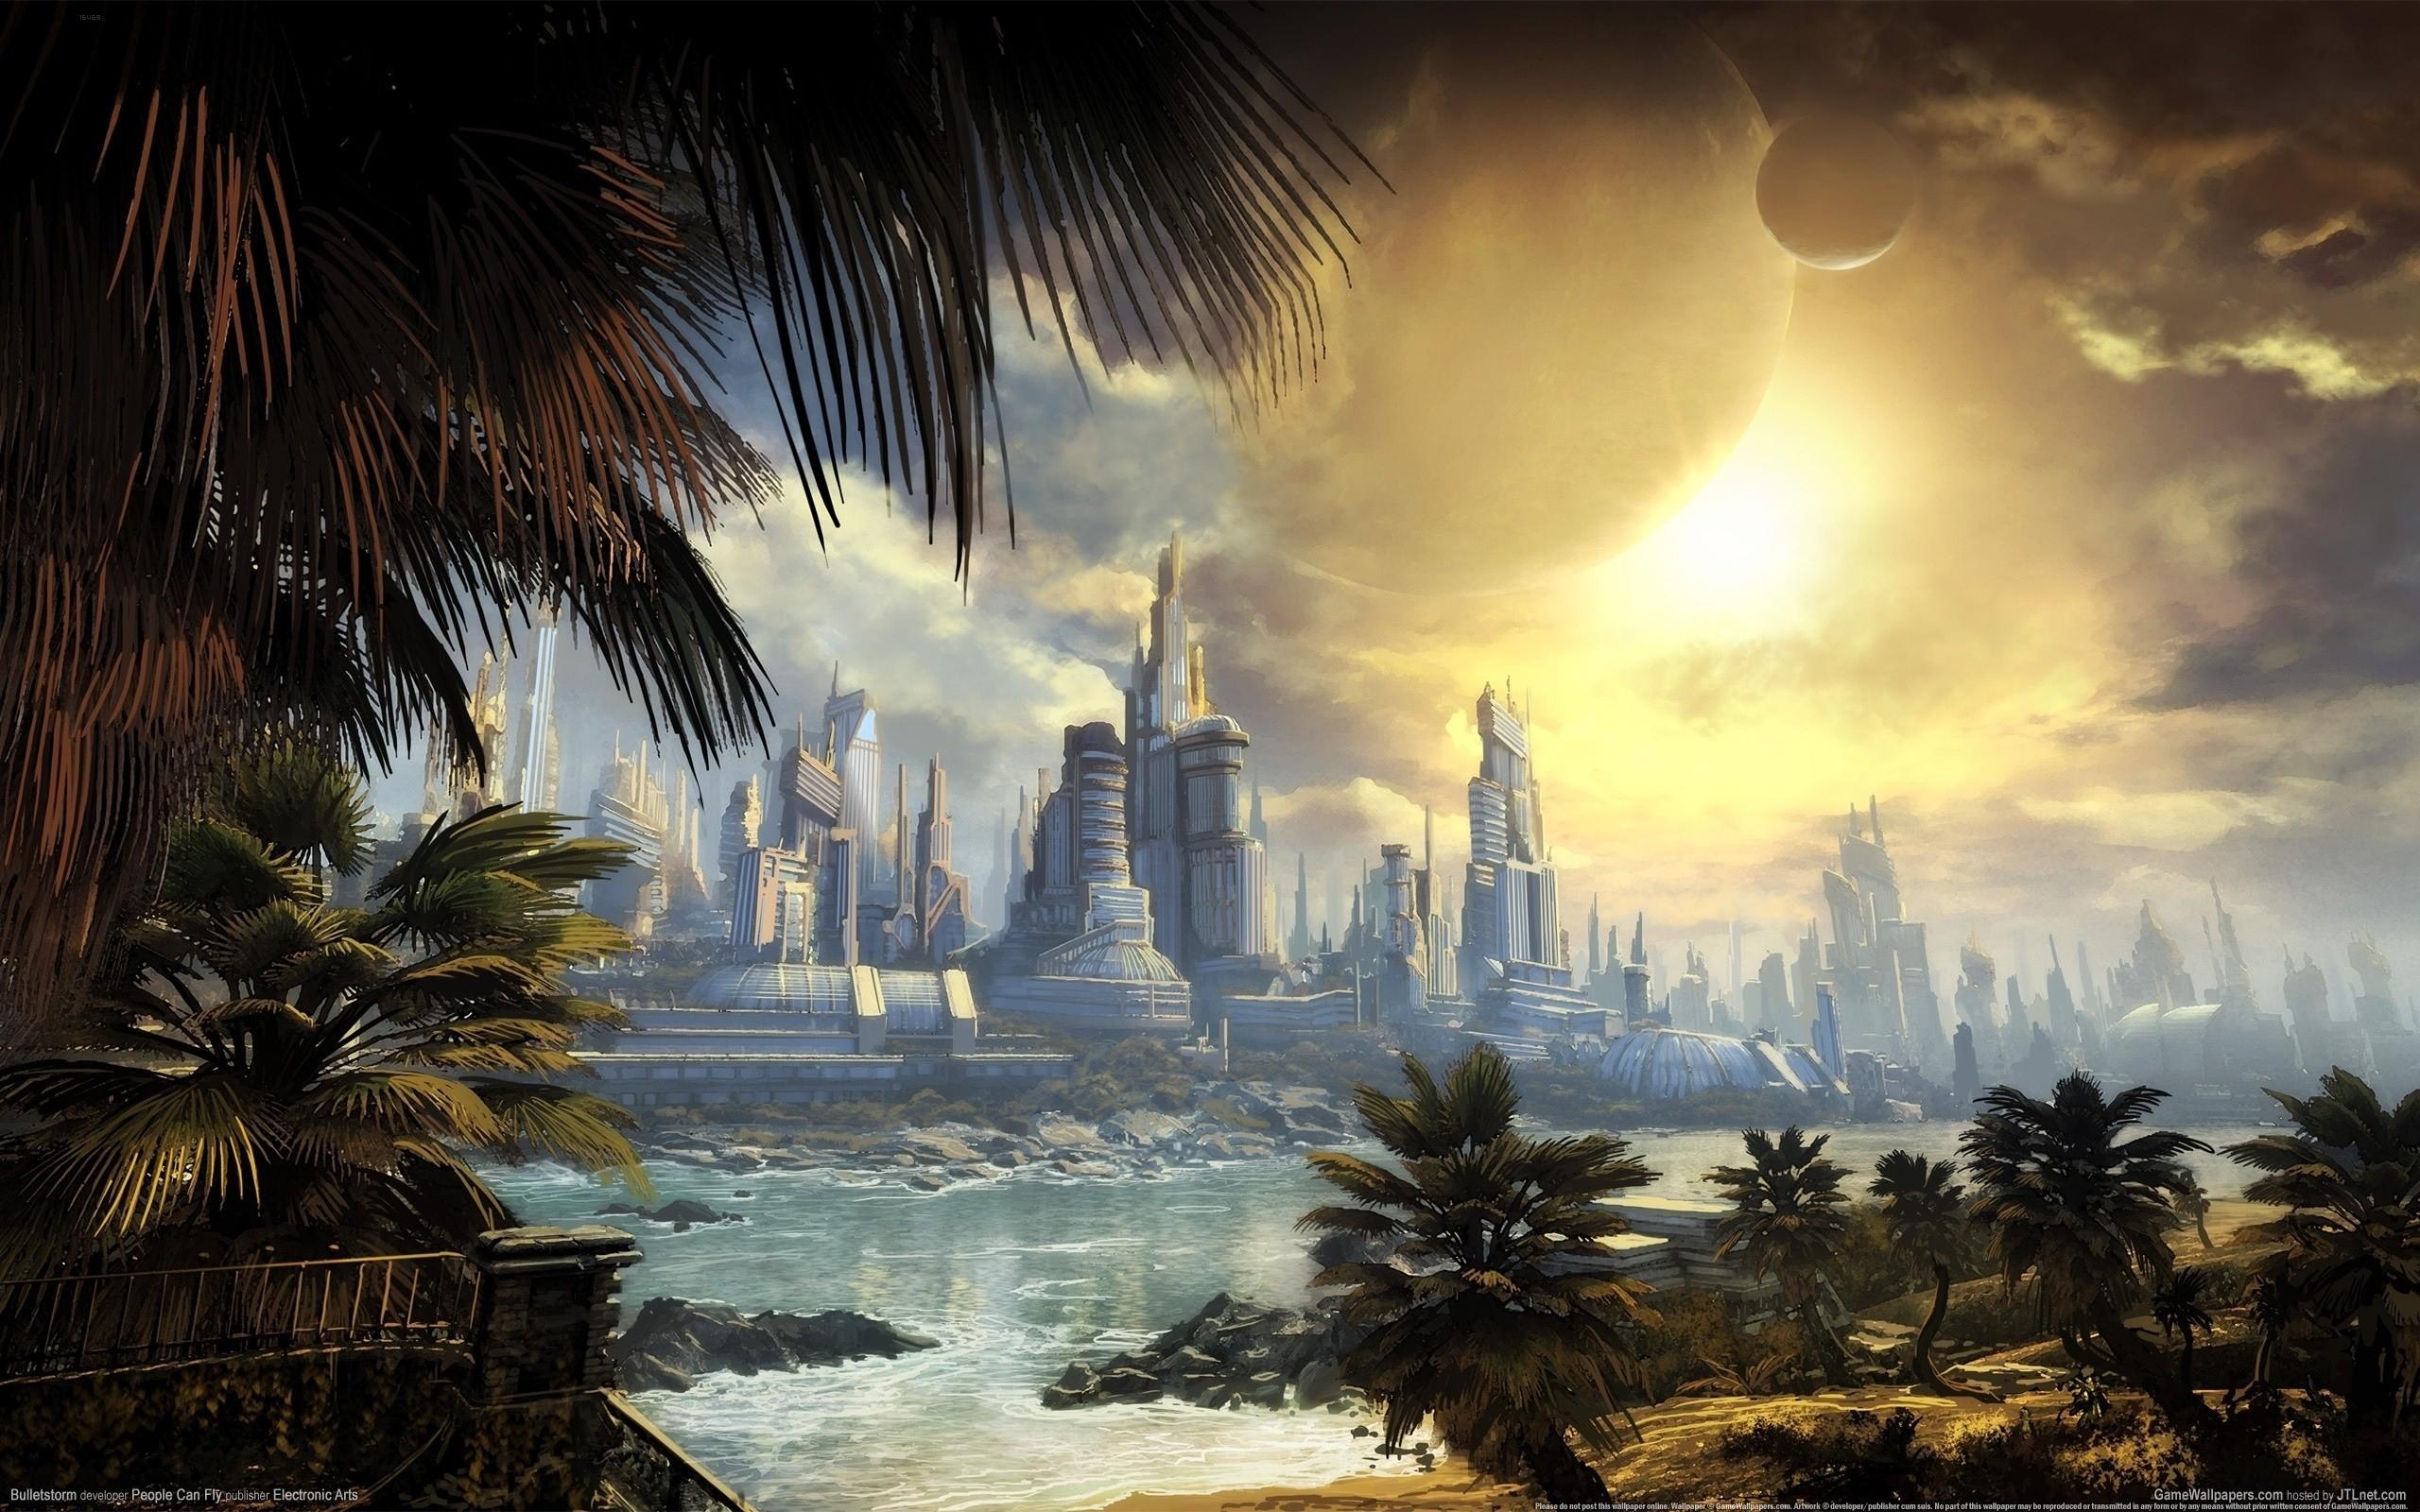 bulletstorm, art, future, city, river, palm, skyscraper